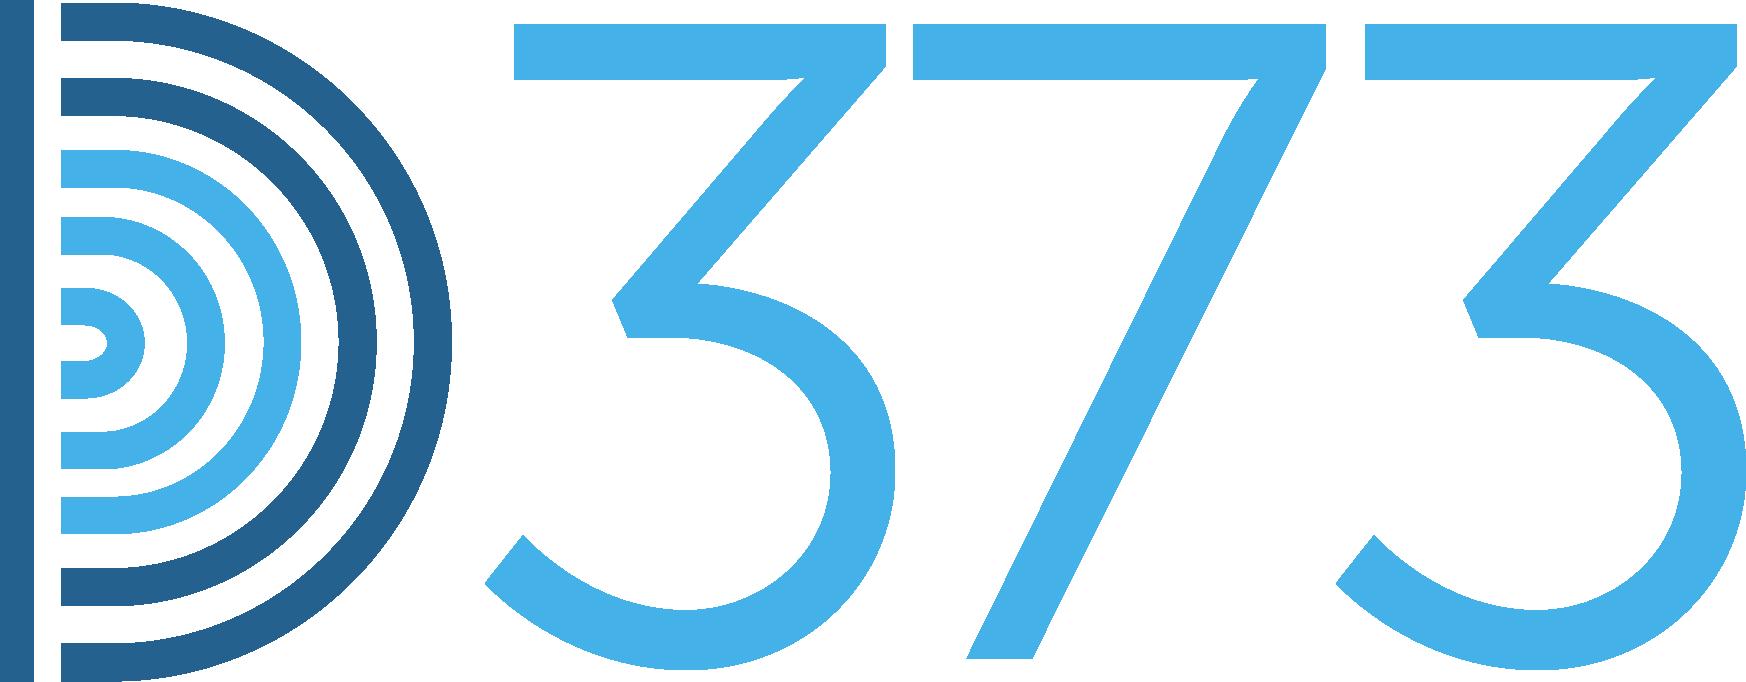 Design373